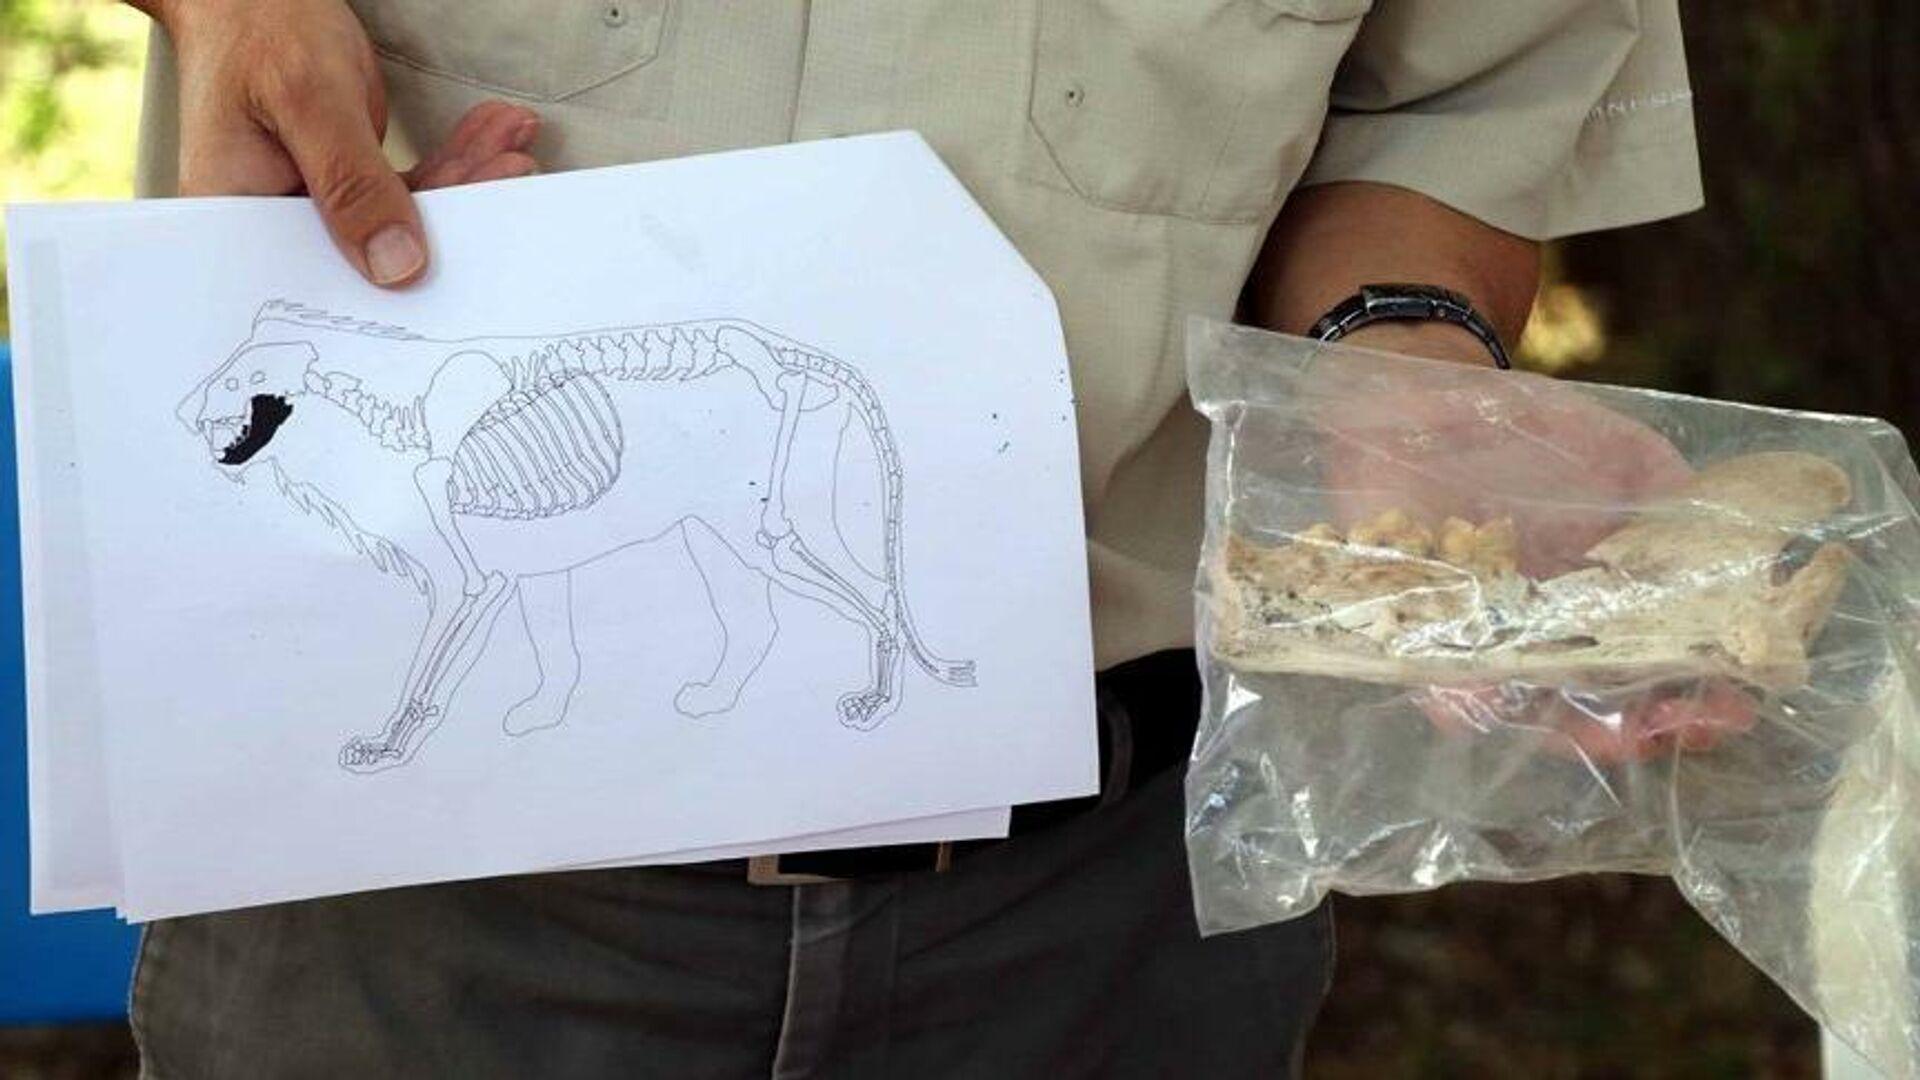 Kayseri'de 4 bin yıl öncesine ait aslan kemiği bulundu - Sputnik Türkiye, 1920, 14.09.2021